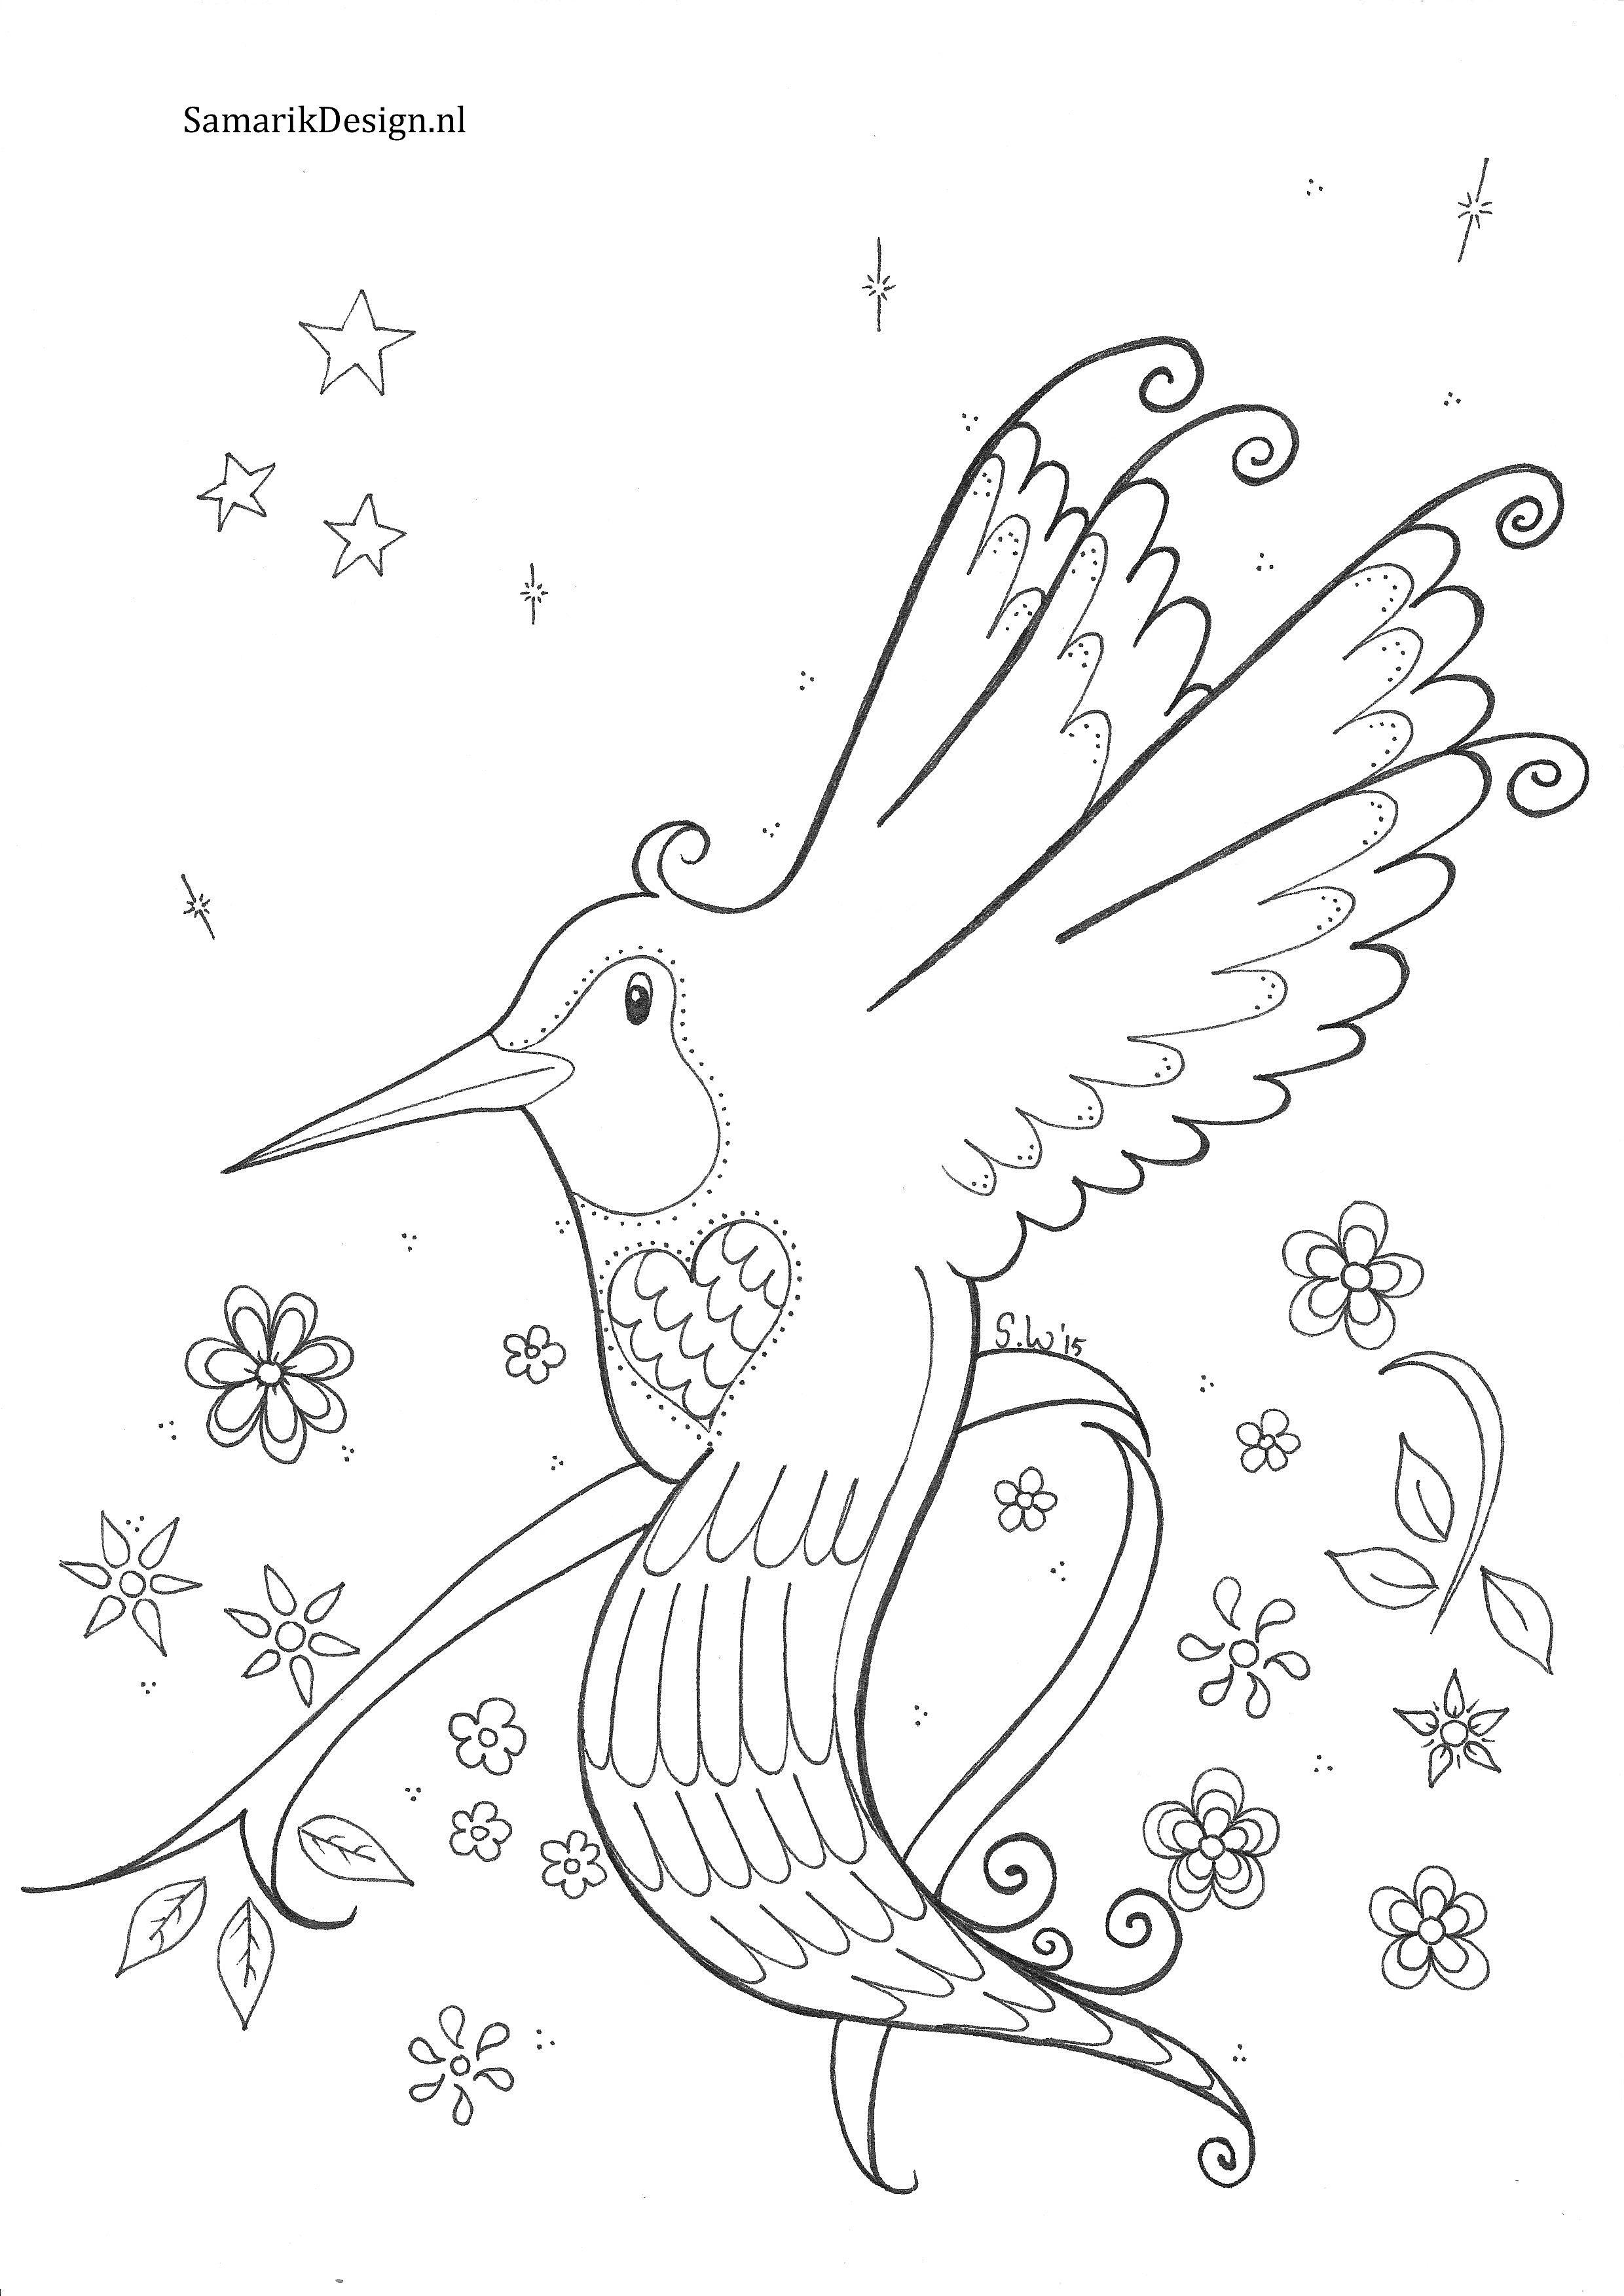 kleurplaat voor volwassenen kolibrie kleurplaten voor